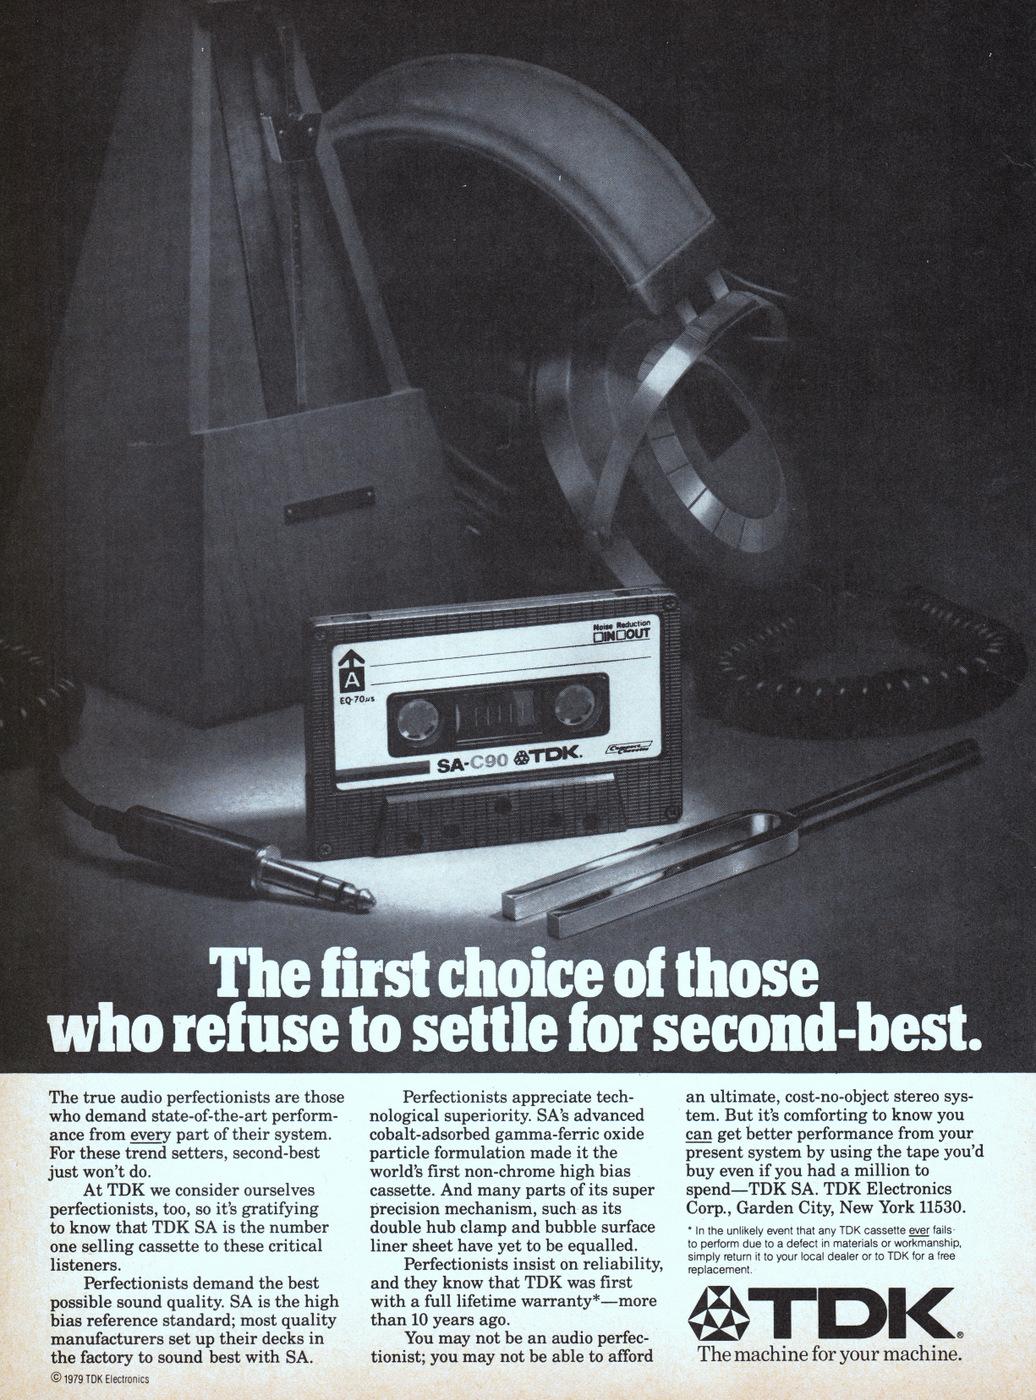 tdk-sa-casette-tape-1.jpg